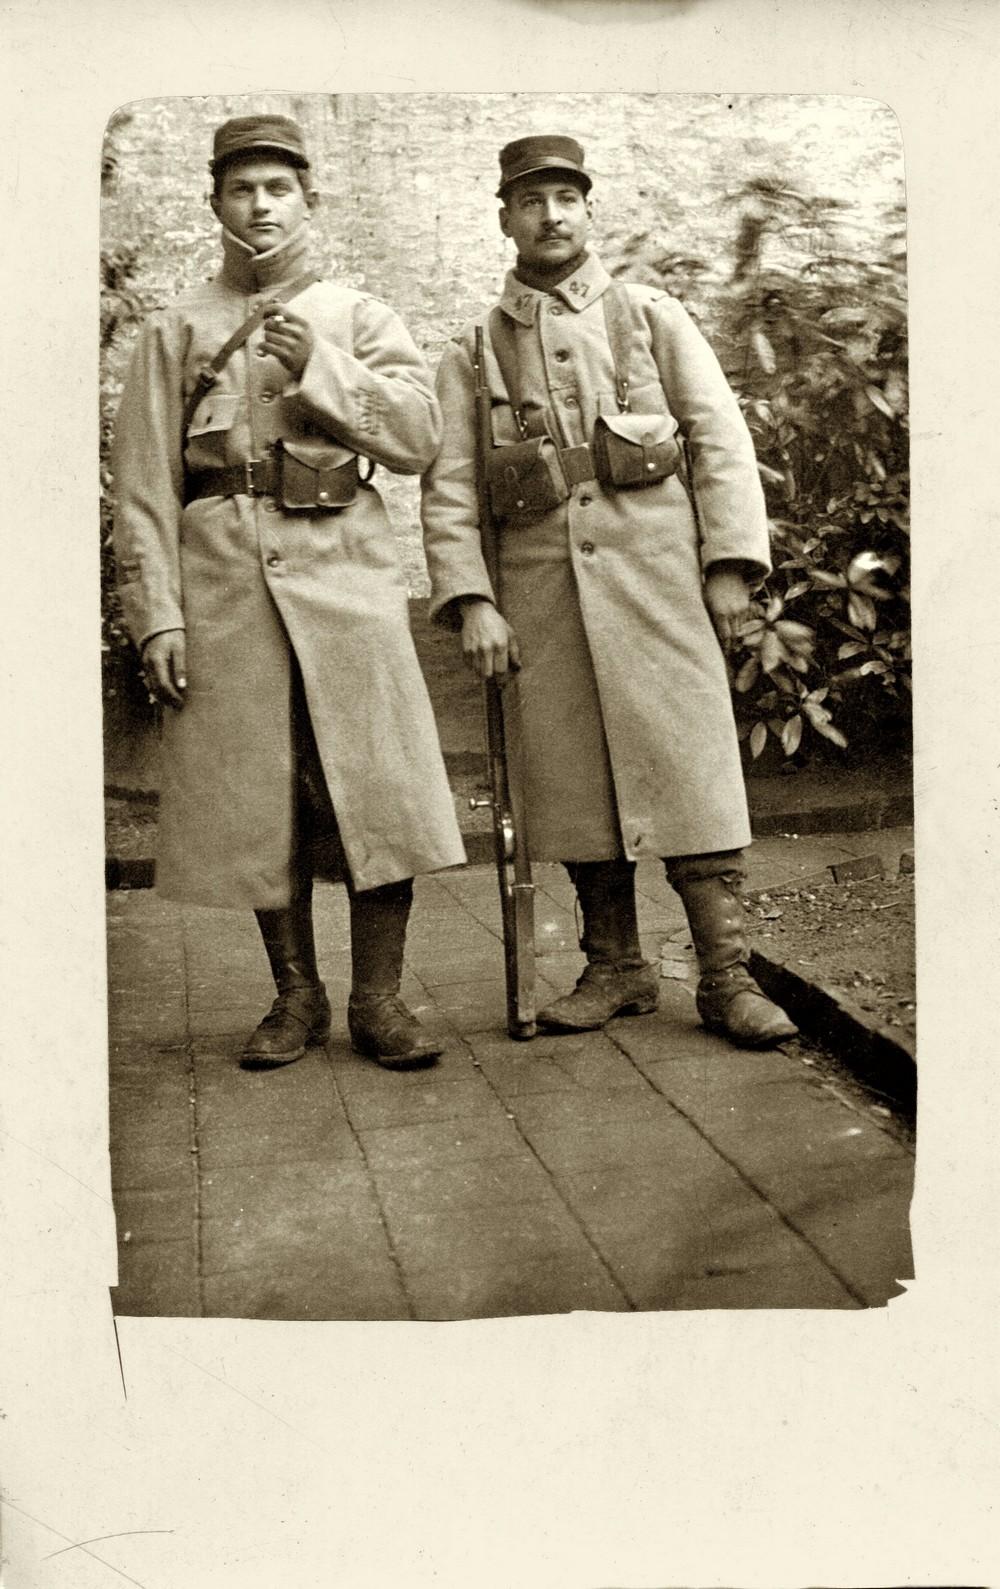 (A gauche, Léon Thébault, soldat du 47 ème R.I. Coll.part. Ne pas reproduire sans autorisation )